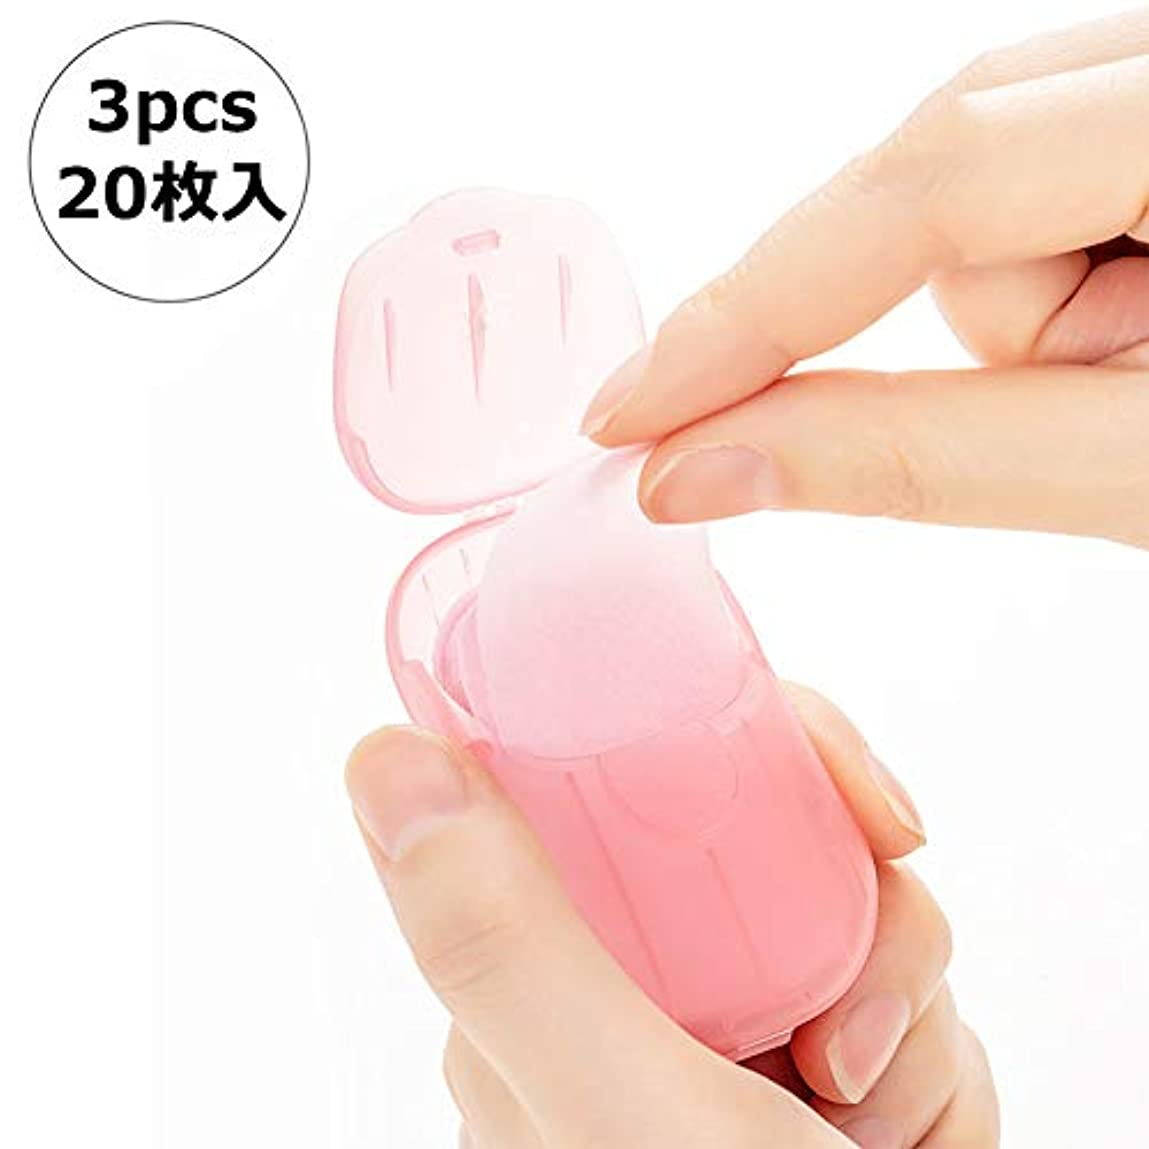 コミット破壊シンジケートNITIUMI ペーパーソープ 除菌 香り 石鹸 手洗い/お風呂 旅行携帯用 紙せっけん 20枚入 ケース付き カラーランダム (3個セット)